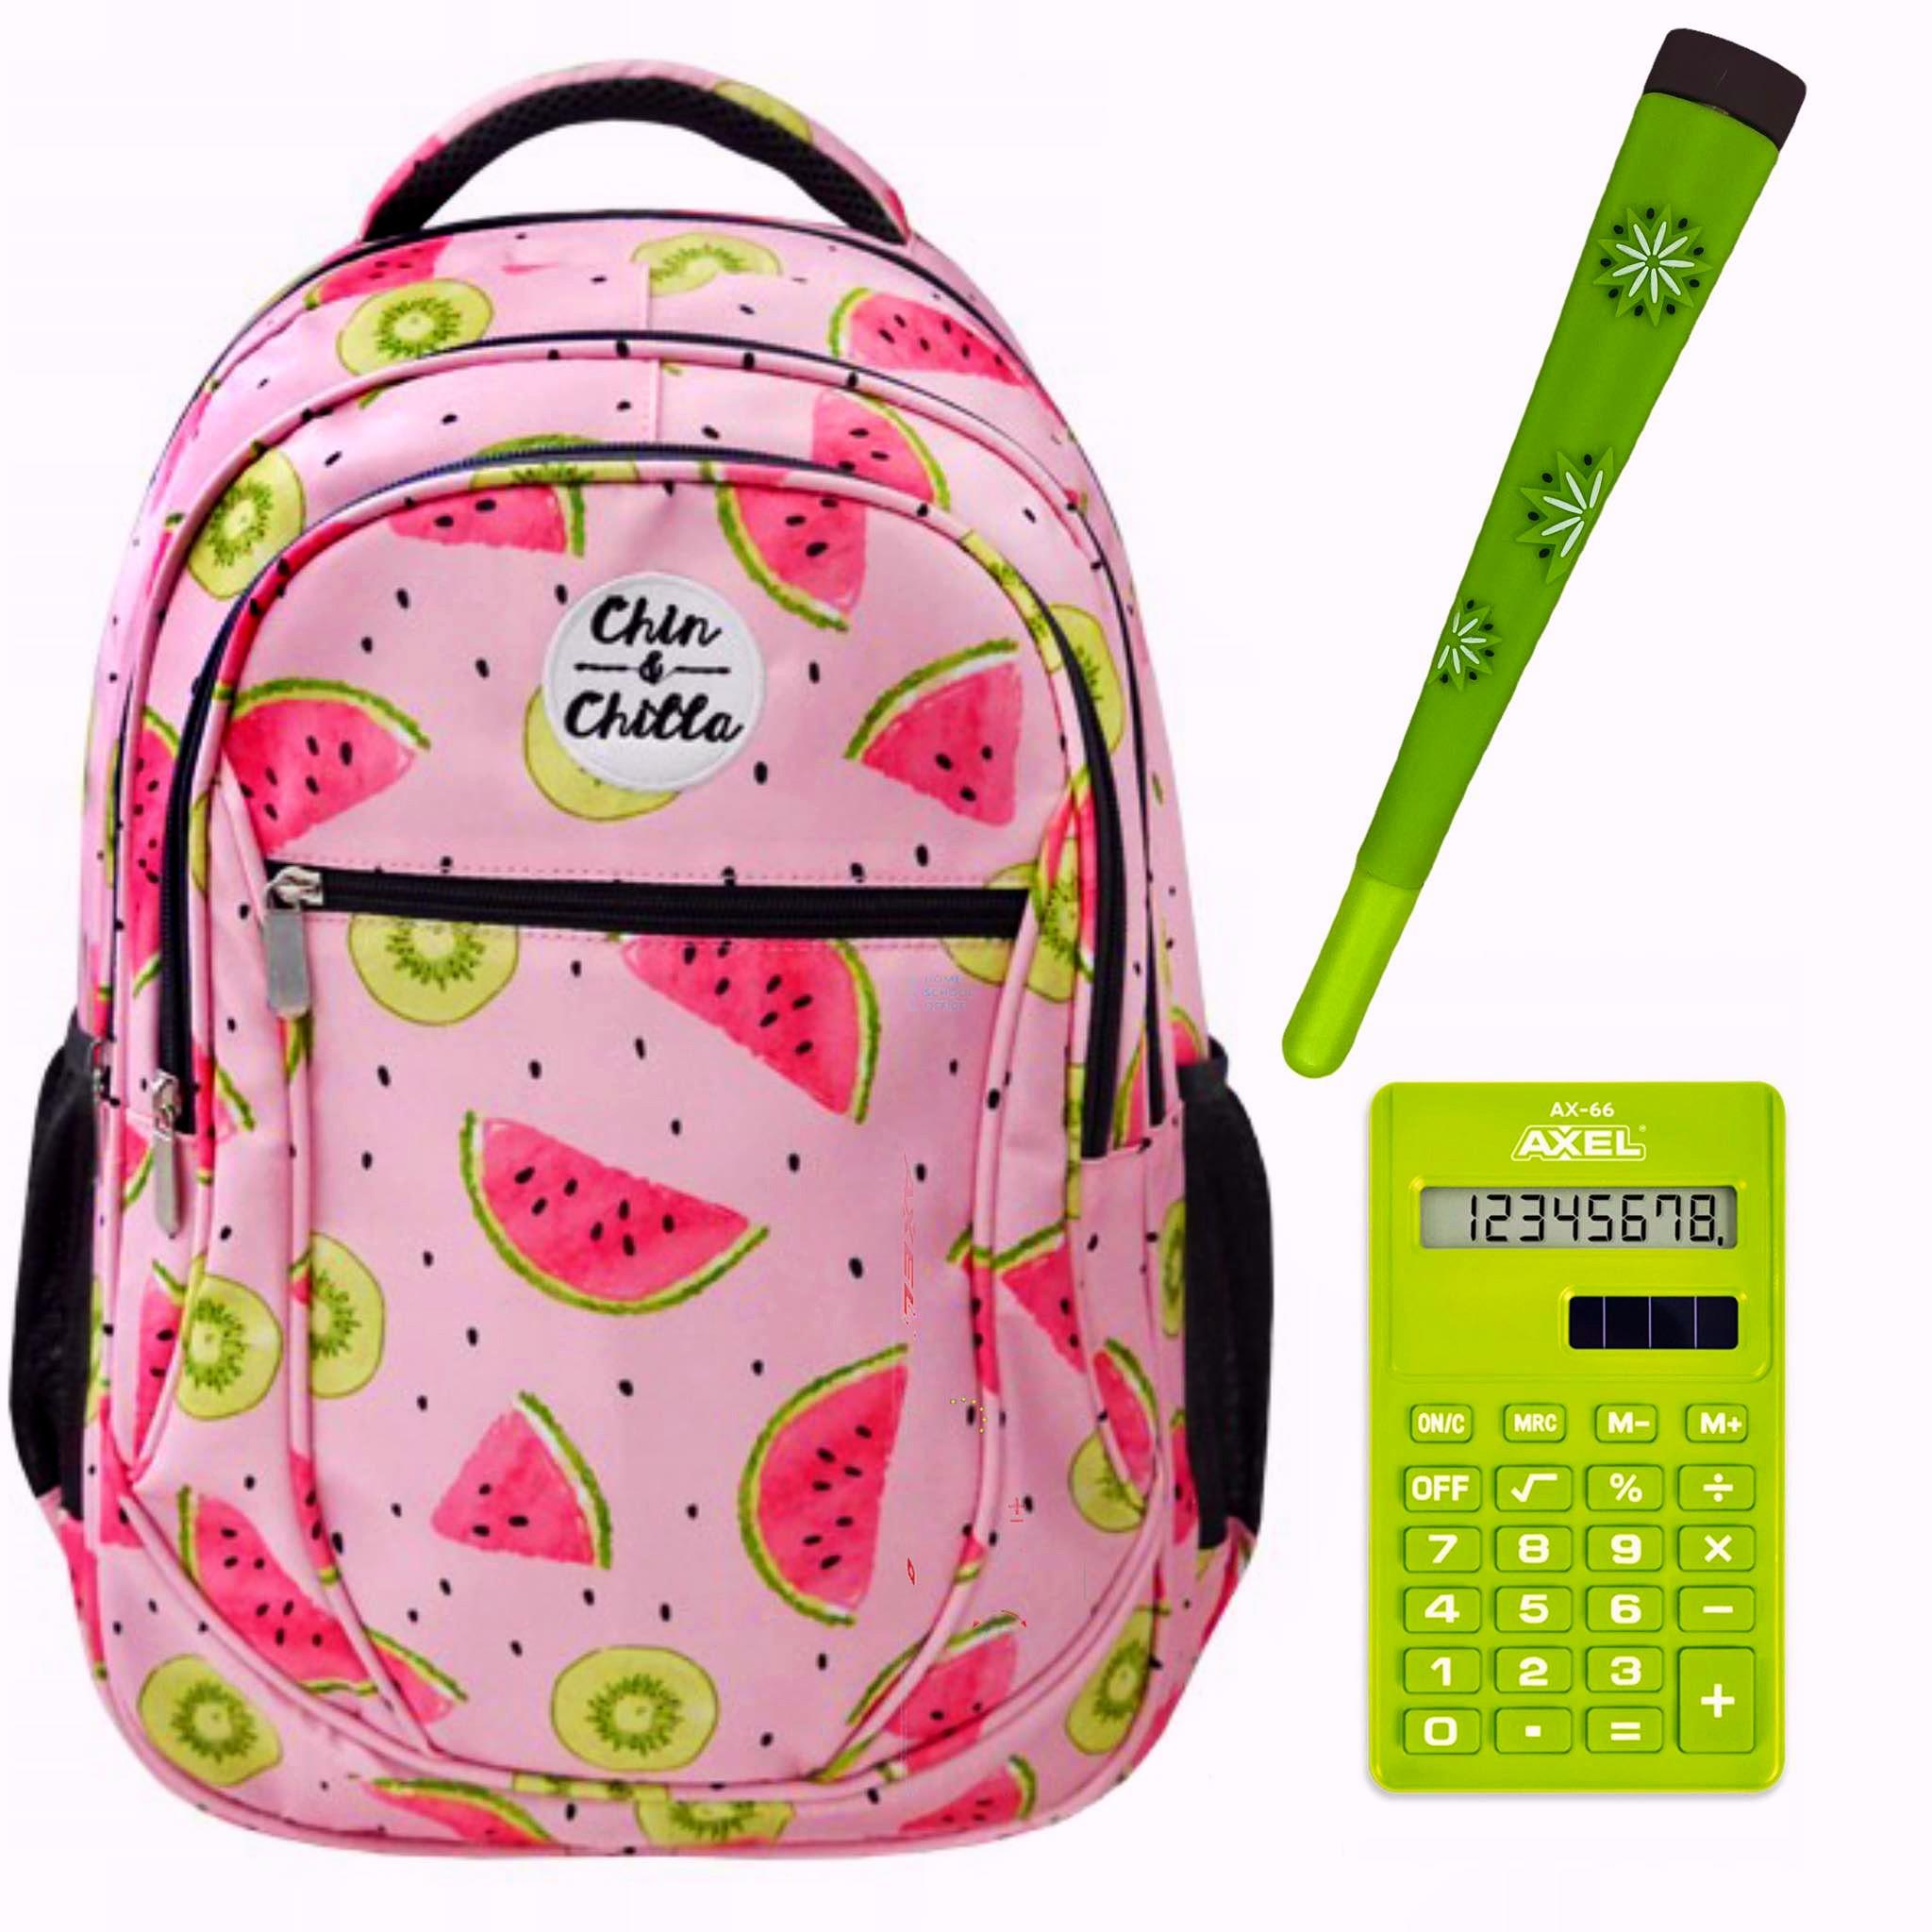 Plecak szkolny młodzieżowy arbuzy 3 komorowy Chin&chilla